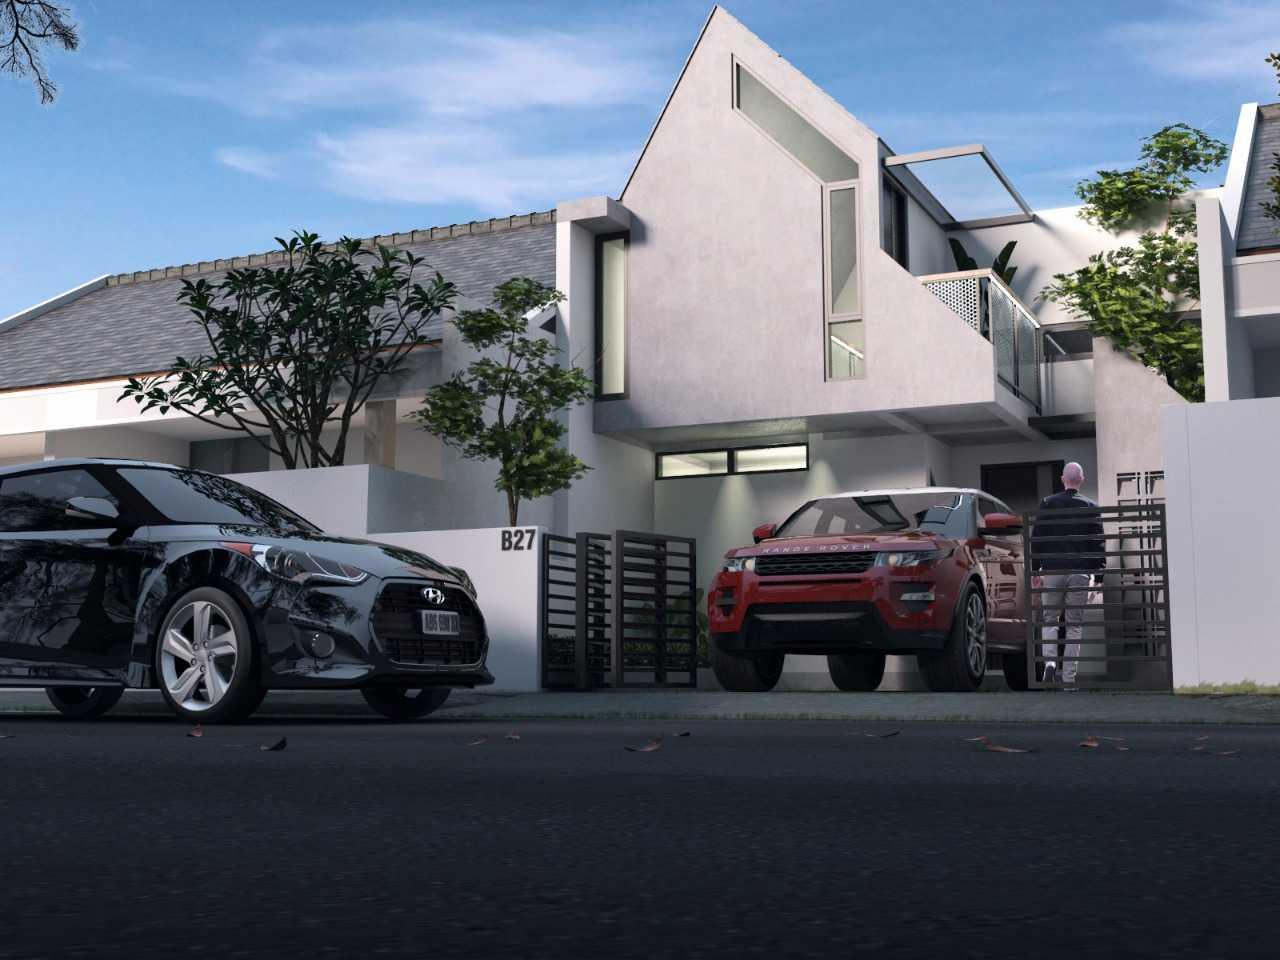 Jasa Design and Build Aesthetic-In Atelier di Bandar Lampung